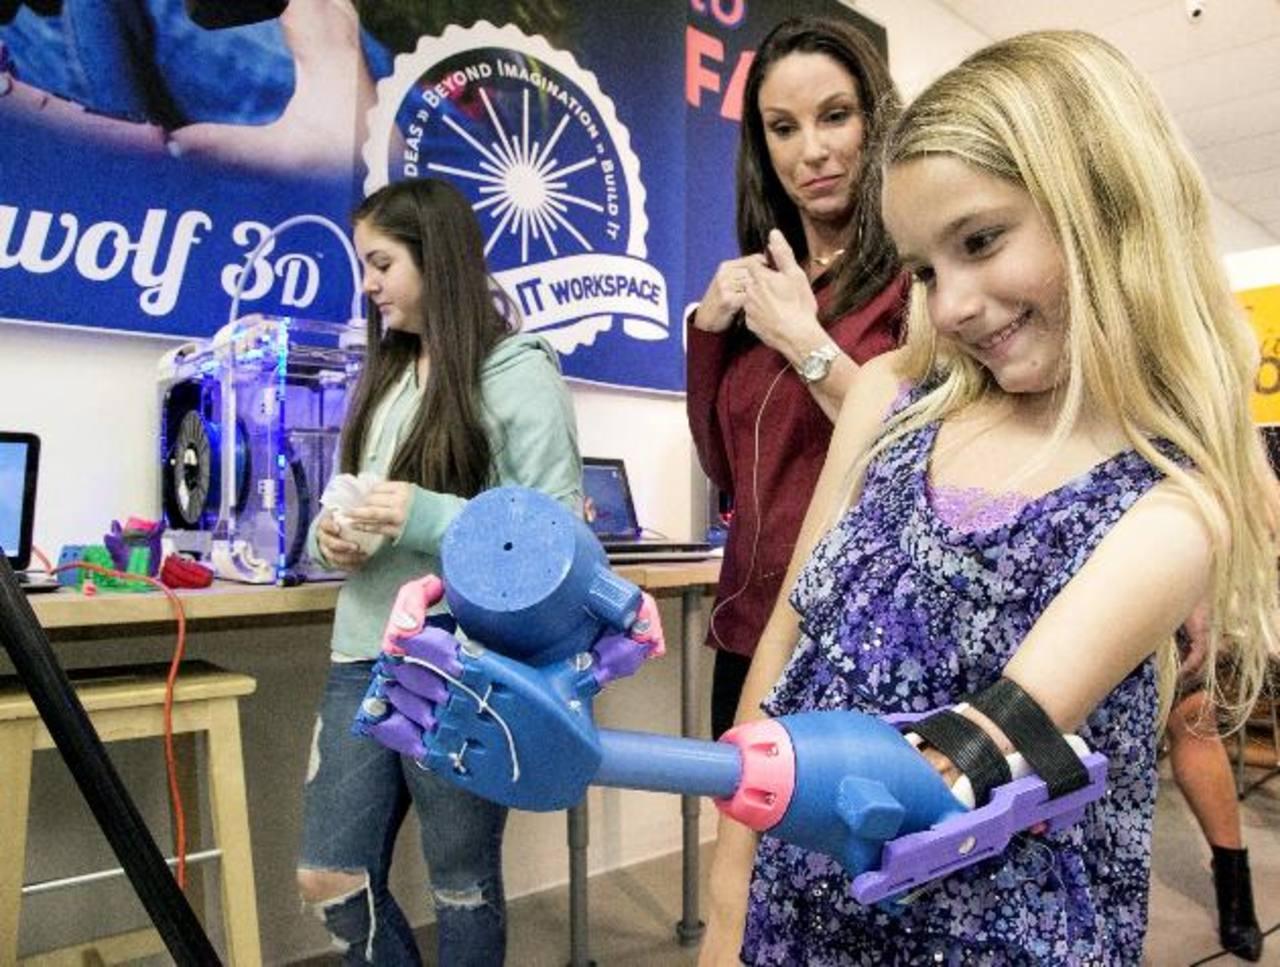 Para su mano escogió los colores rosa, azul y violeta, pues son sus favoritos. foto edh / ap